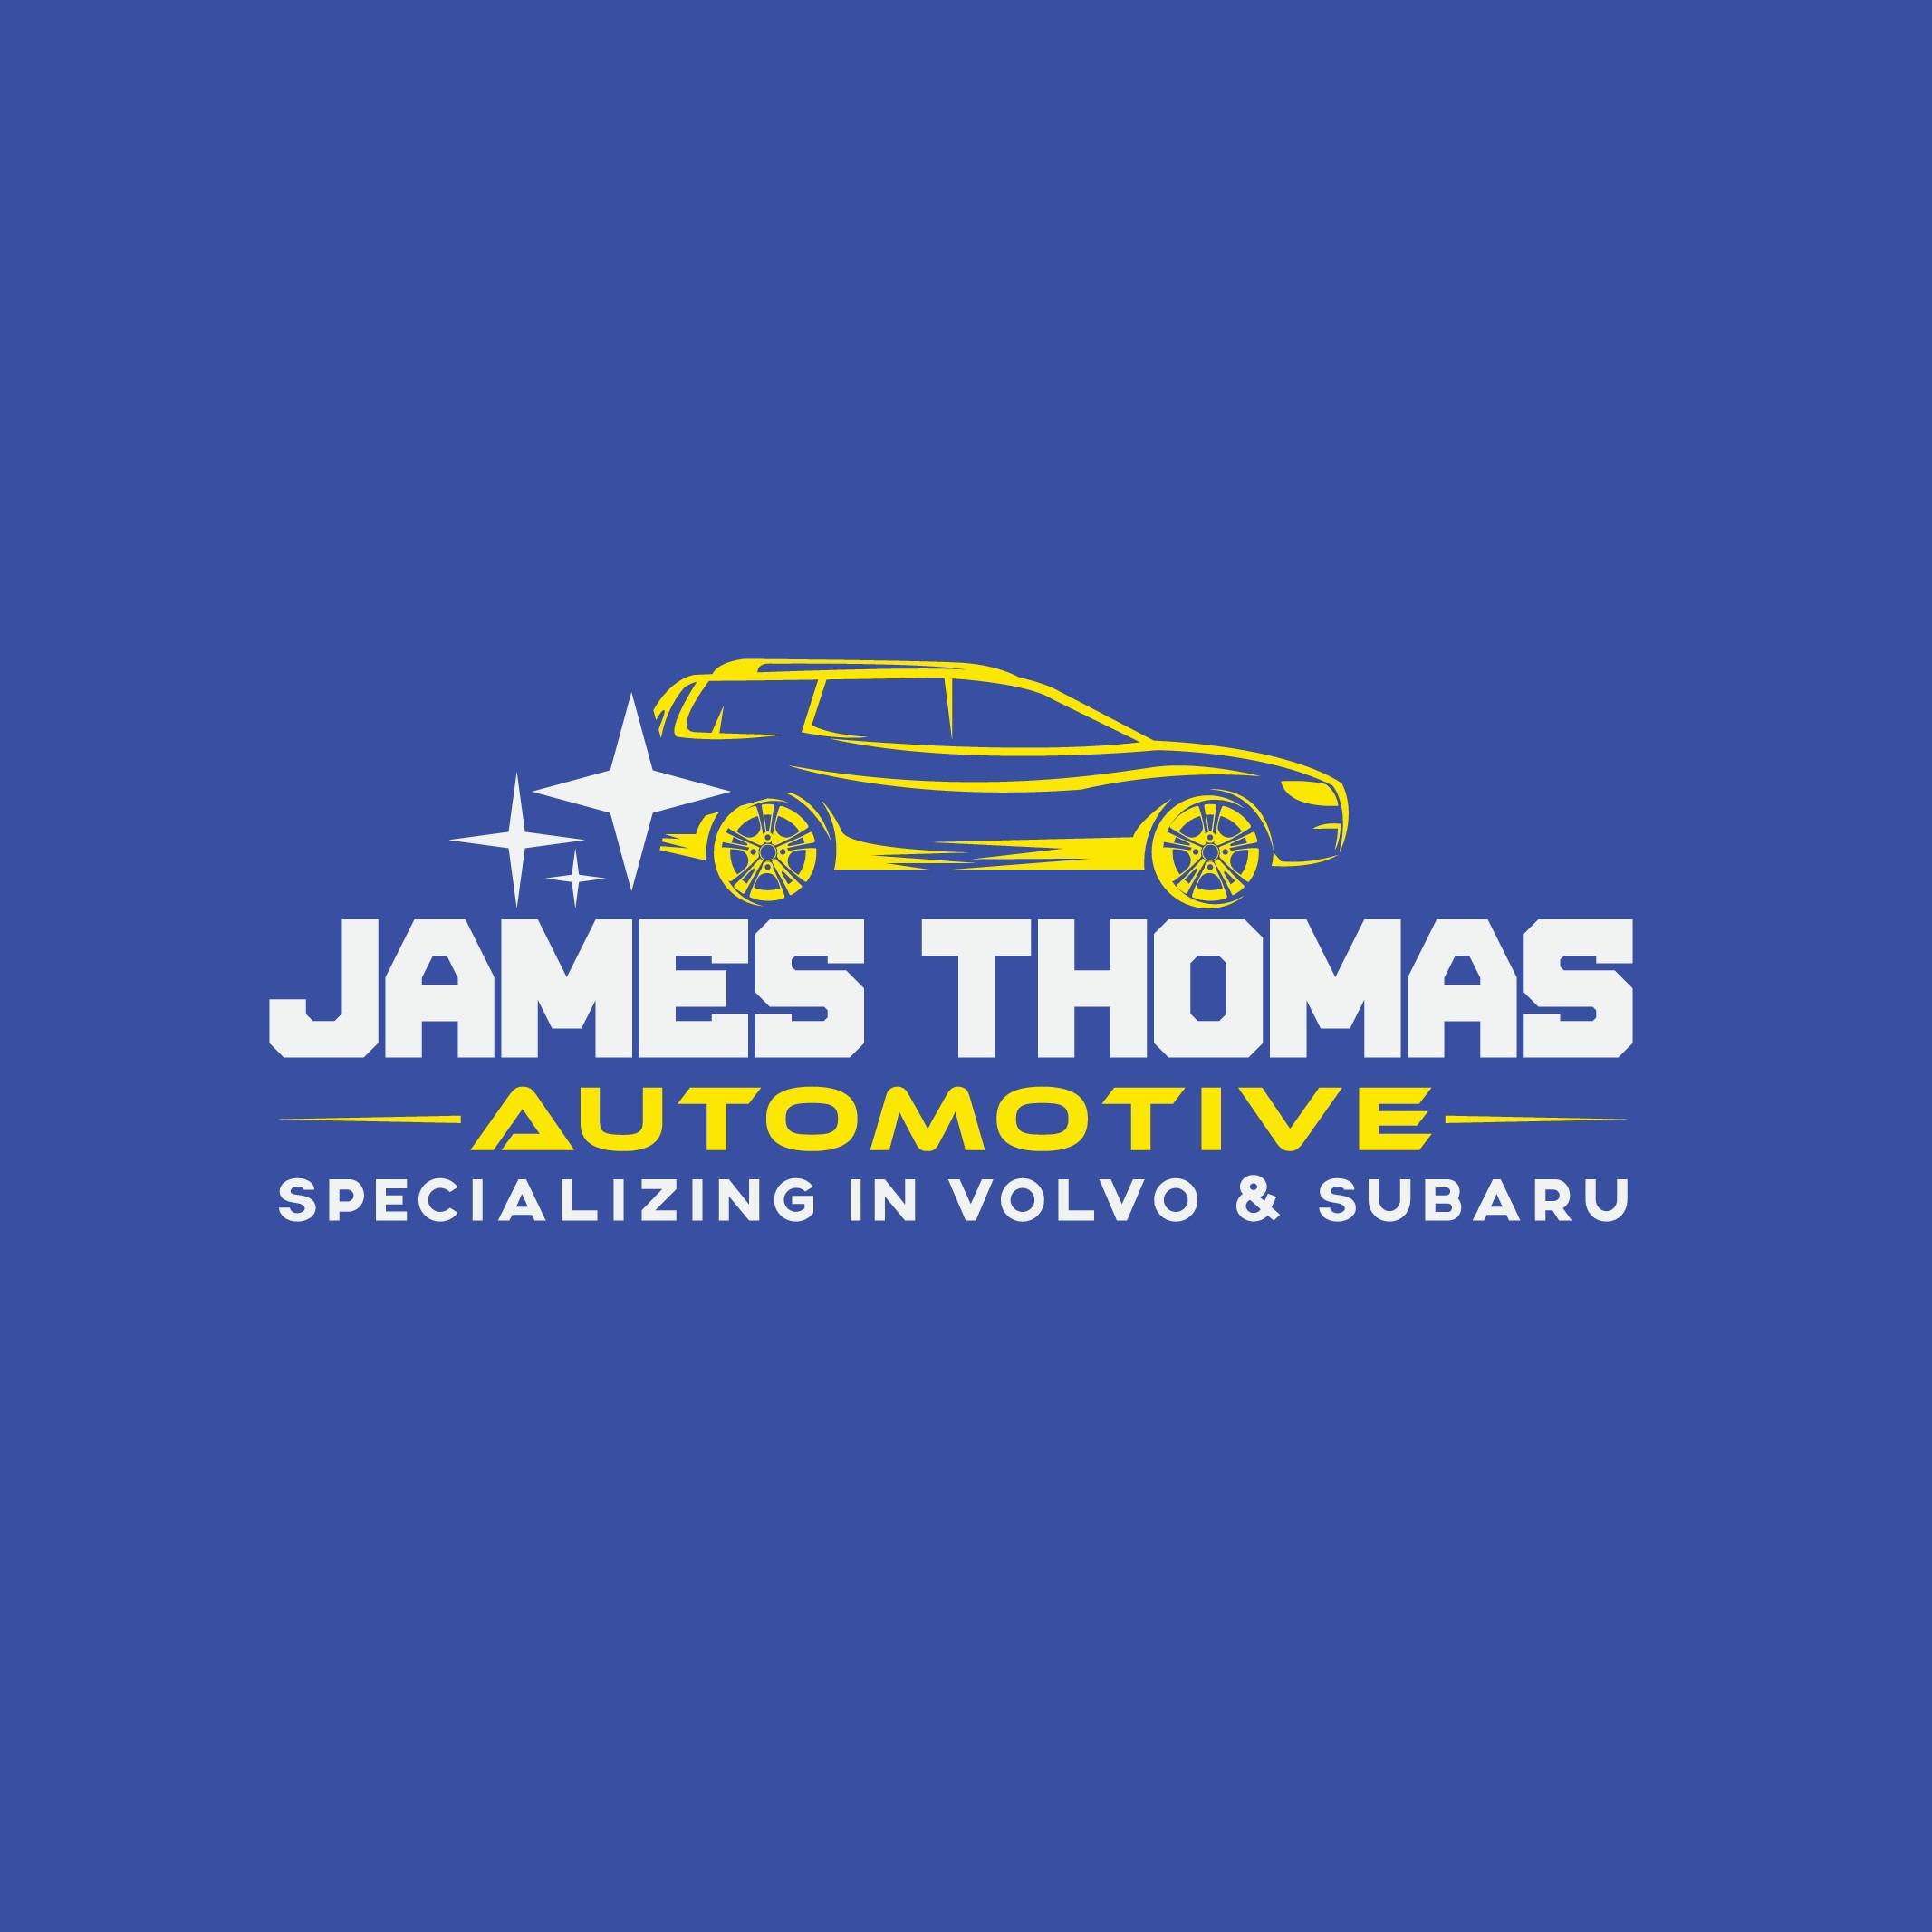 James Thomas Volvo & Subaru Service